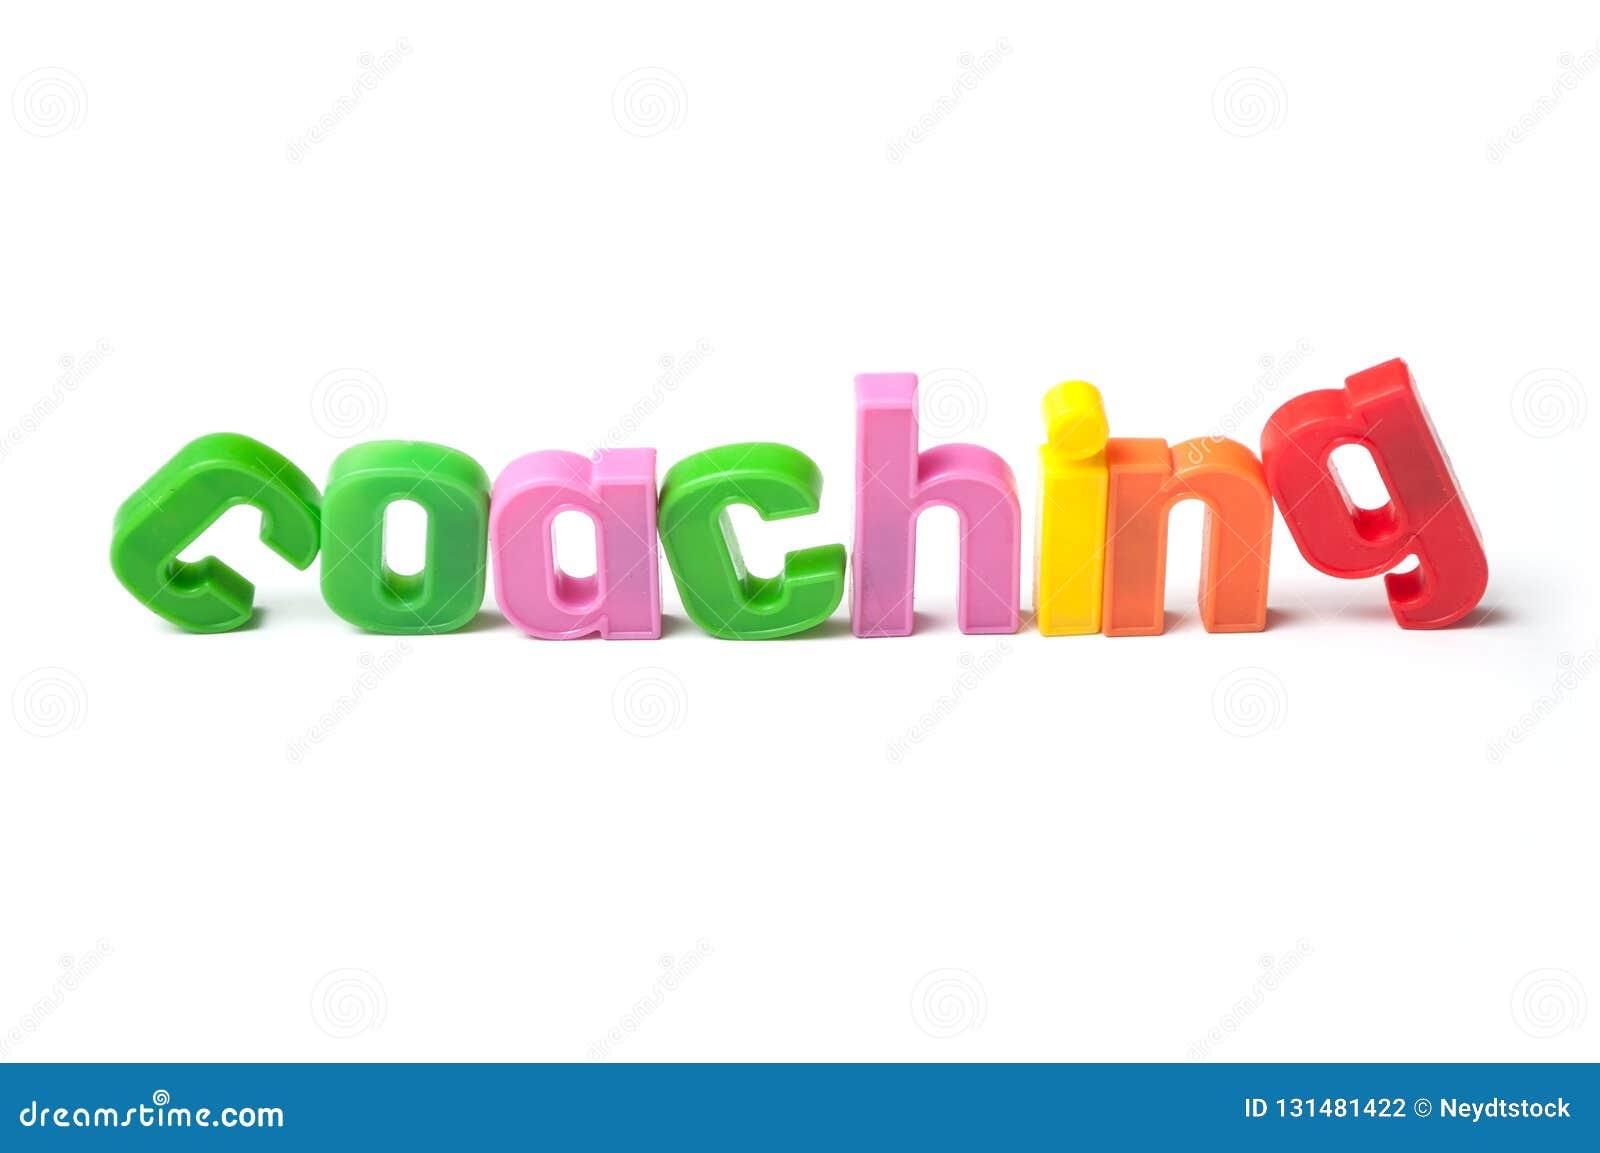 Lettres en plastique colorées sur le fond blanc - donnant des leçons particulières